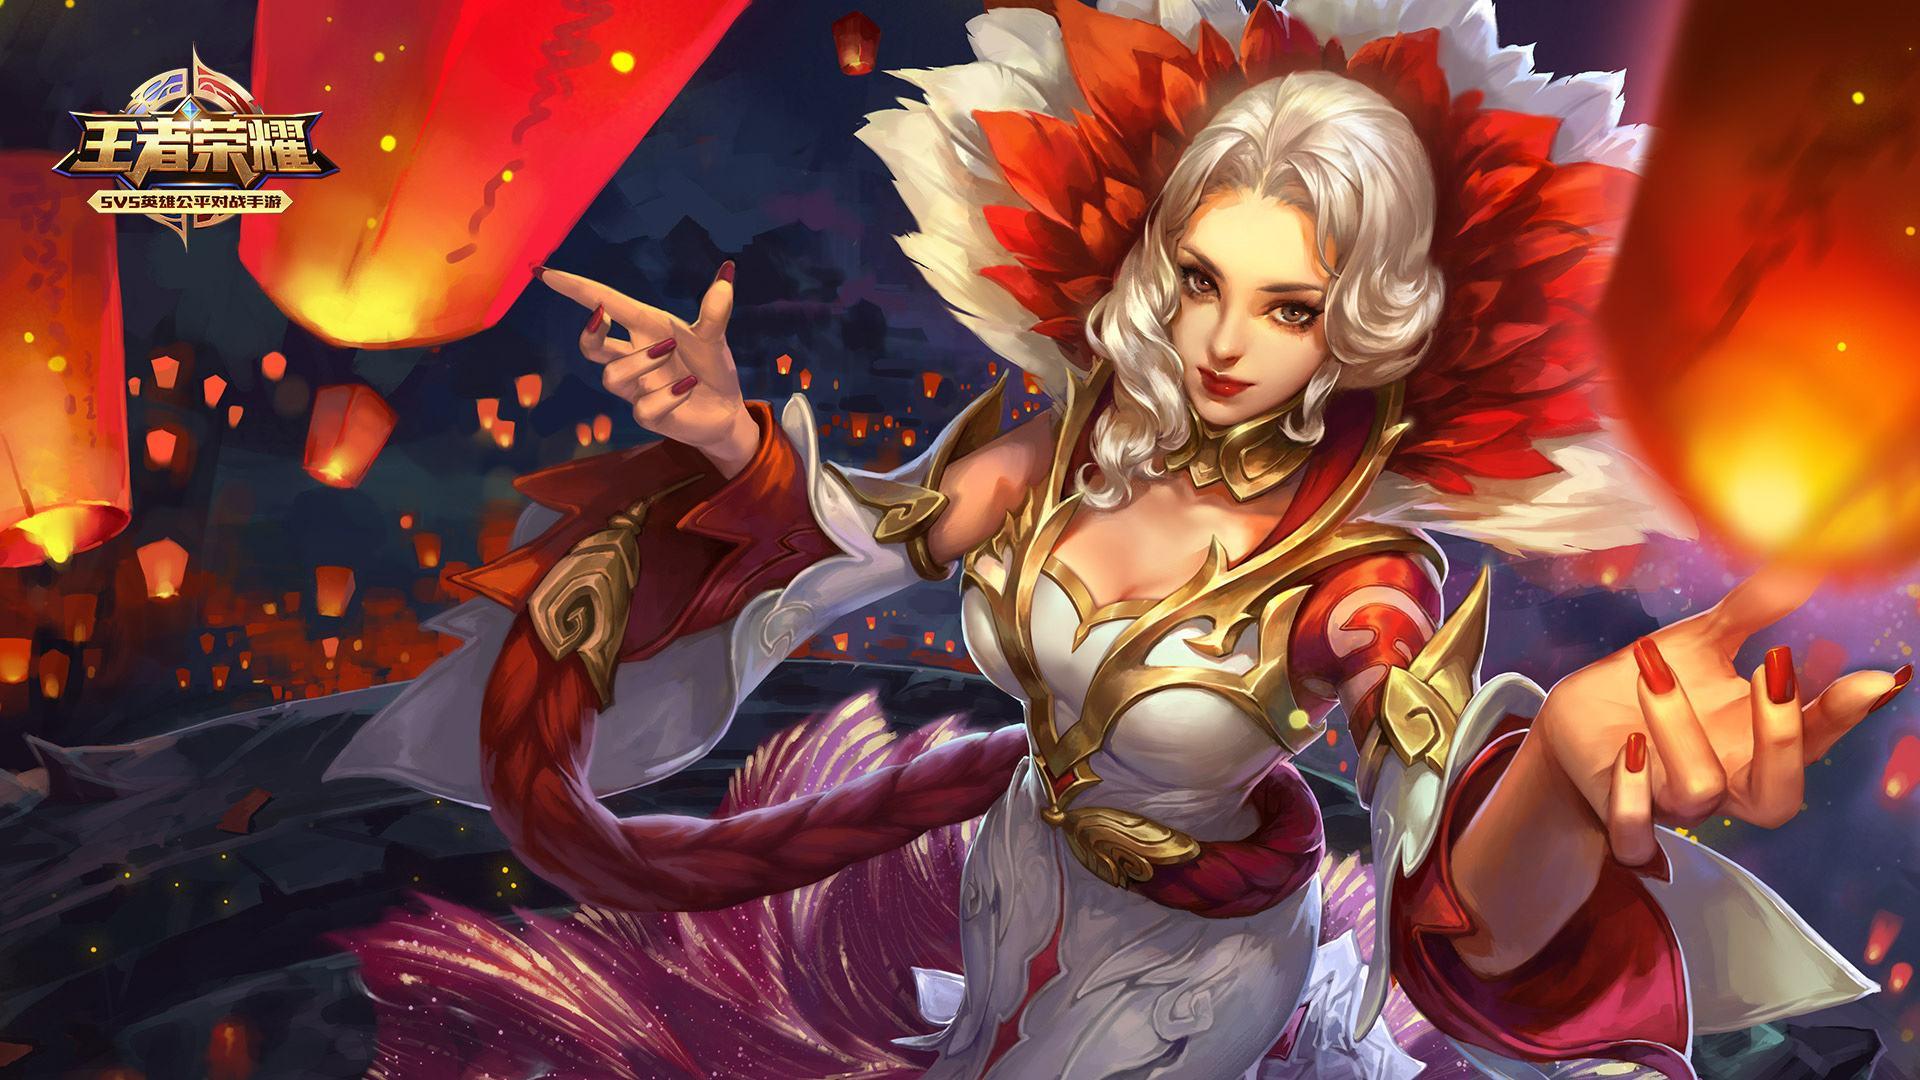 《【煜星平台手机版登陆】像《王者荣耀》这样存在许多抄袭内容的游戏,还有那么多人玩?》